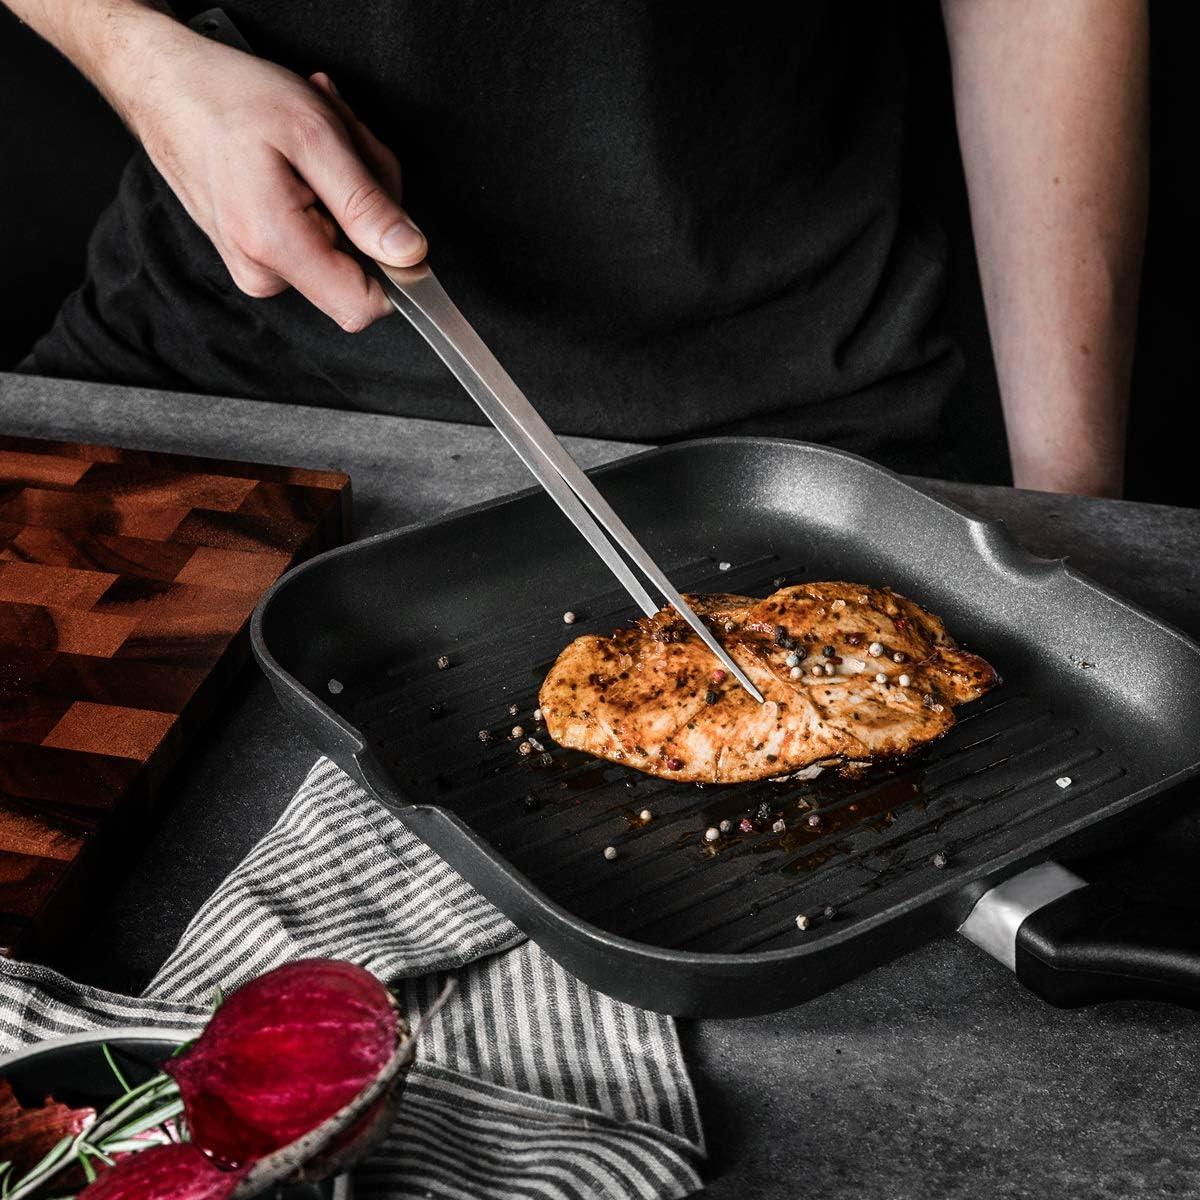 40cm lang Navaris Grillpinzette aus rostfreiem Edelstahl auch als Bratpinzette Servierpinzette K/üchenpinzette nutzbar Grill Fleischpinzette